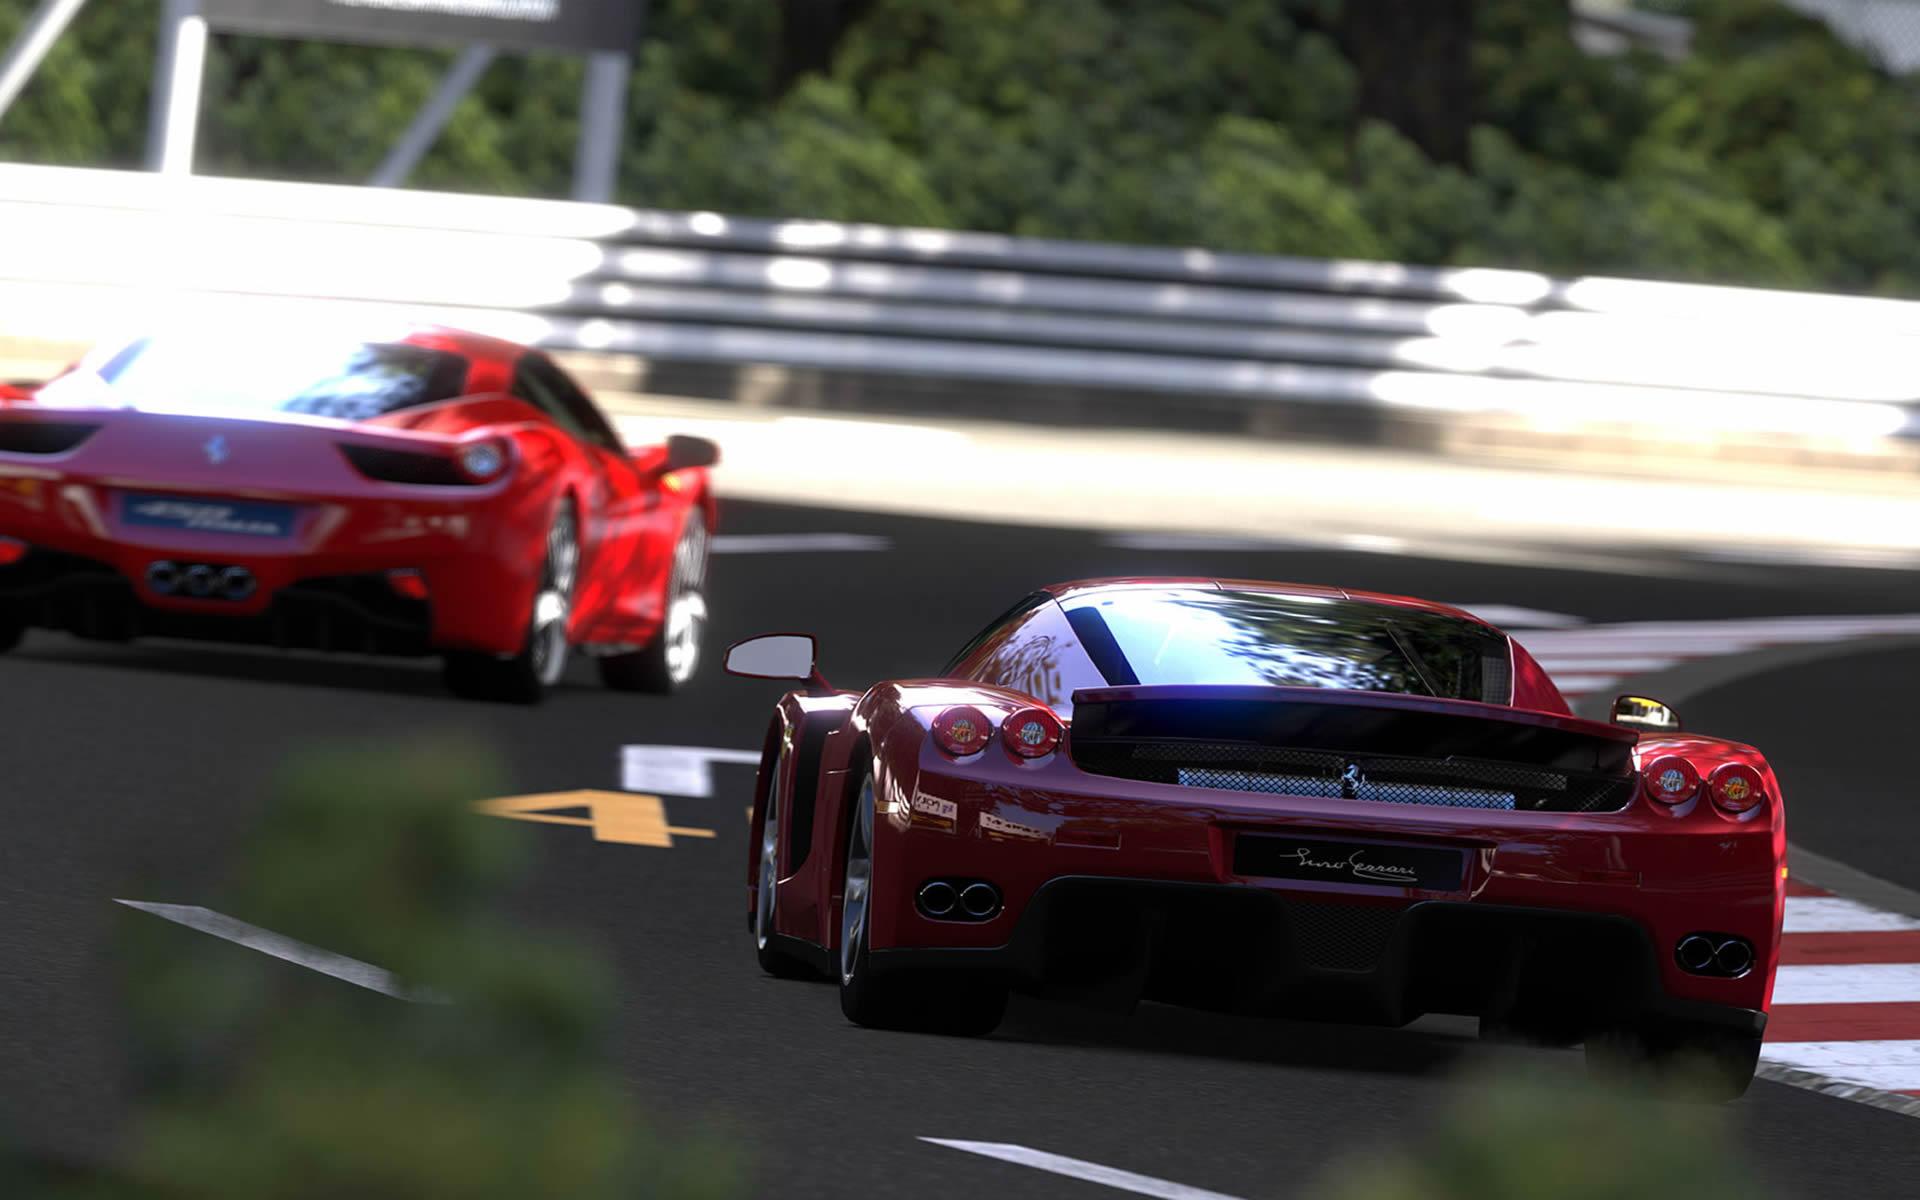 Racing Ferraris - Gran Turismo 5 Wallpaper